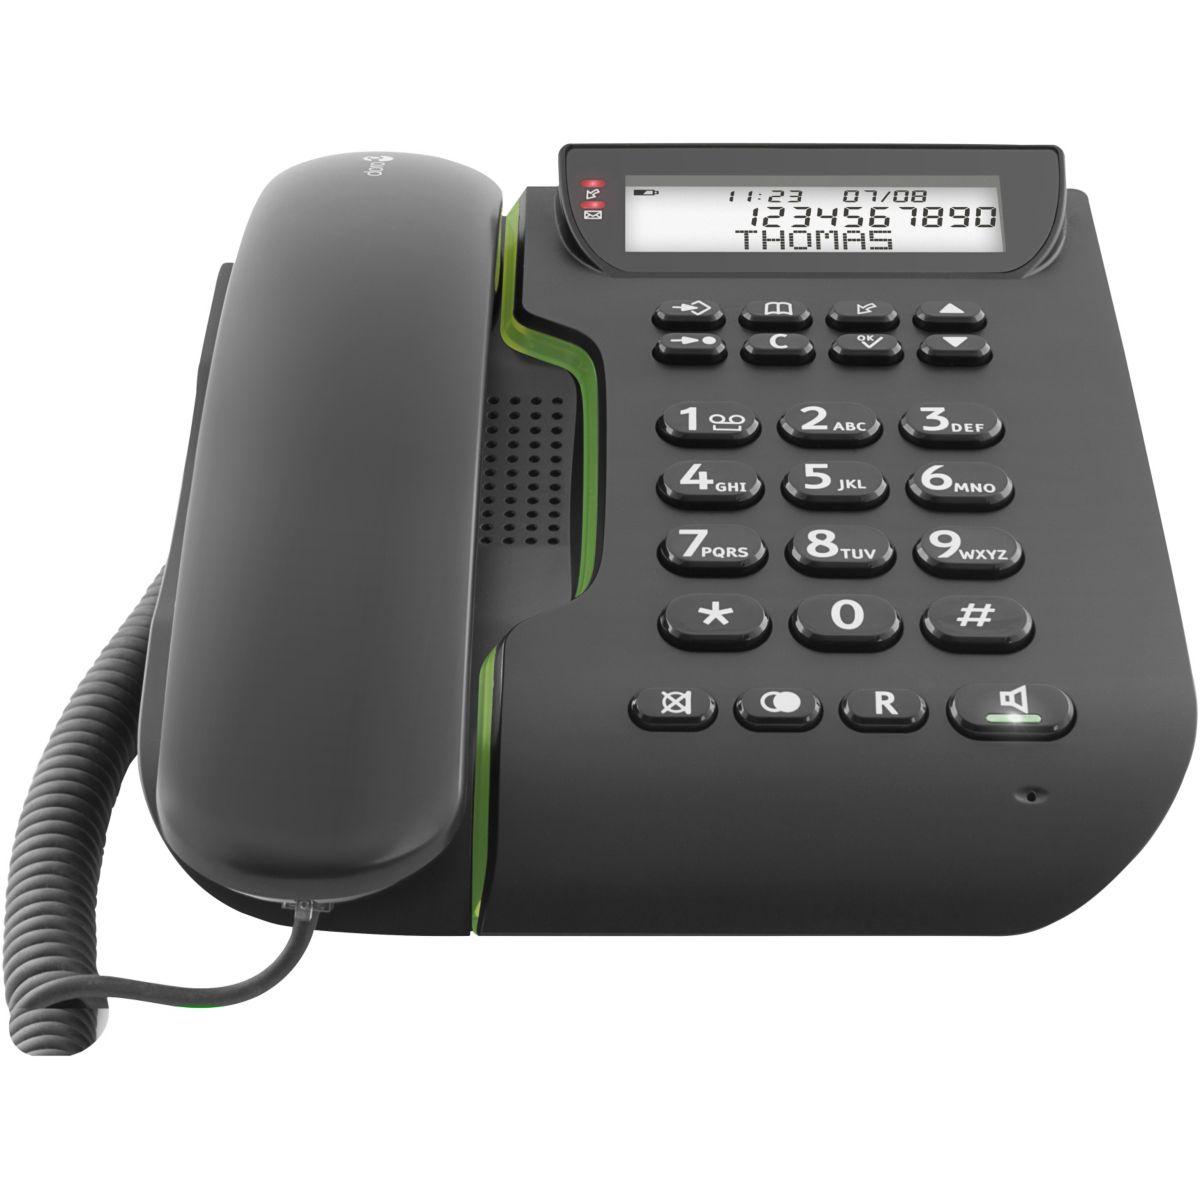 Téléphone filaire doro comfort 3000 - 10% de remise immédiate avec le code : cool10 (photo)